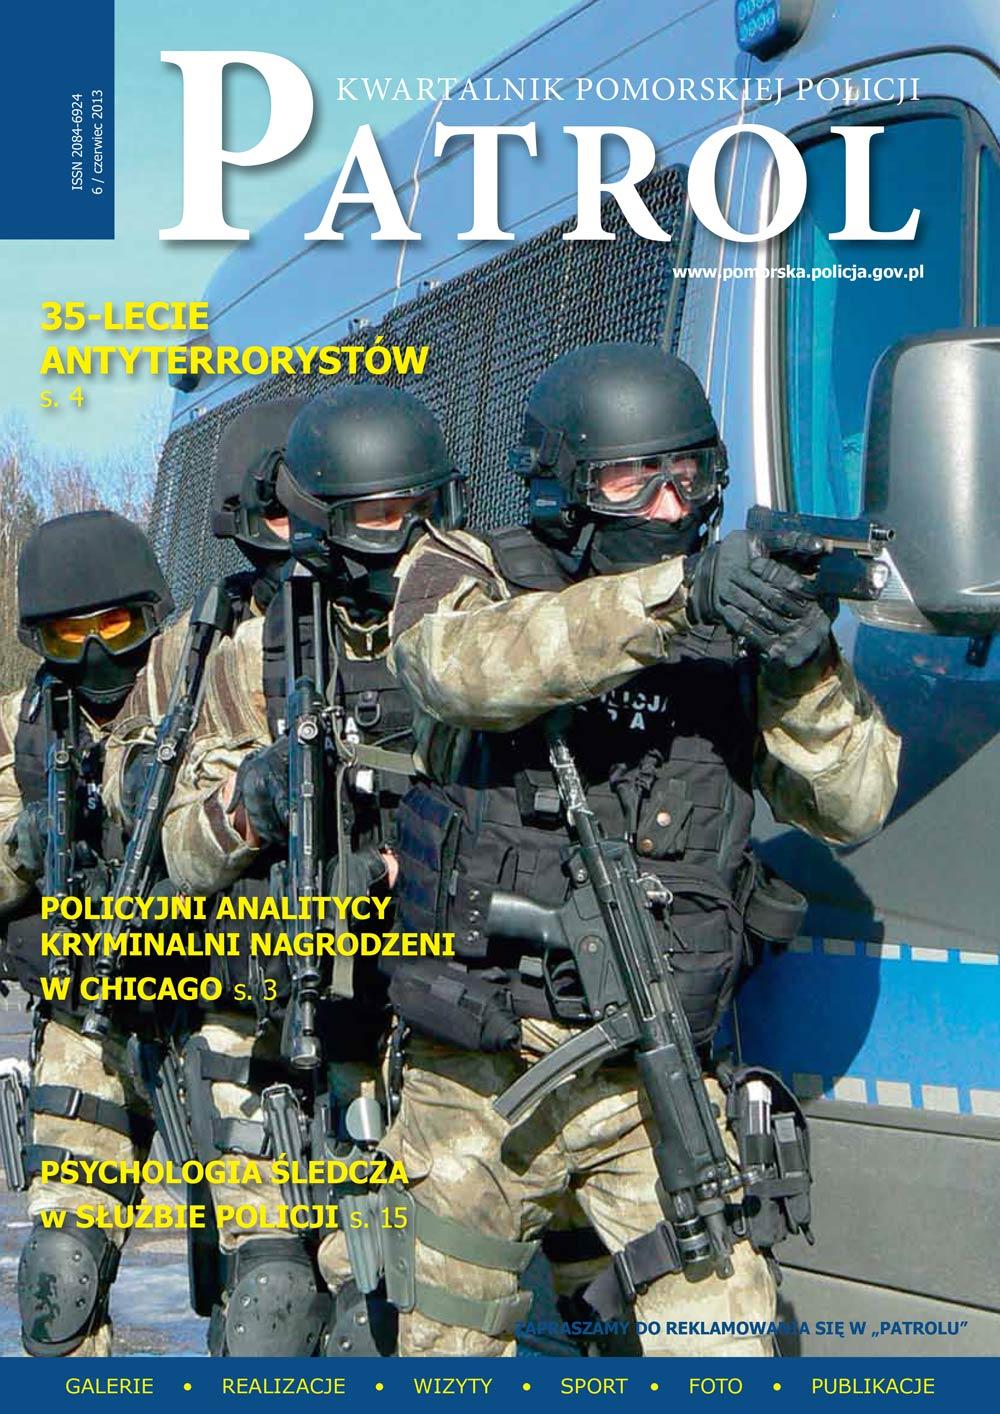 [2013, 02] PATROL. KWARTALNIK POMORSKIEJ POLICJI. - 2013, [nr] 6 / czerwiec, www.pomorska.policja.gov.pl